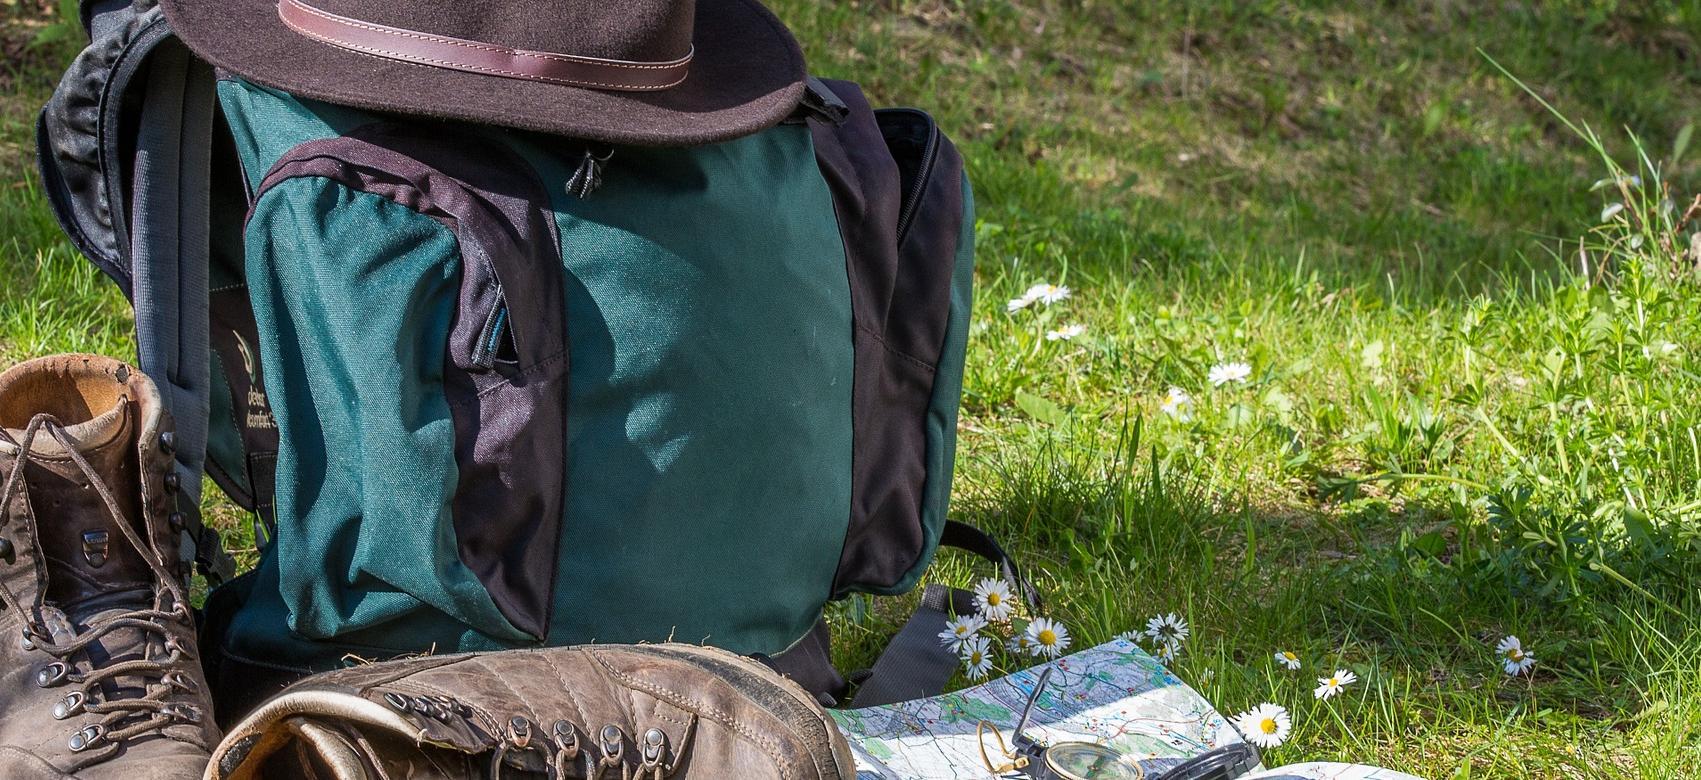 Unas botas de senderismo marrores, un plano, una brujula, una mochila de color azul y negra y encima de esta un sombrero de ala de color marrón oscuro